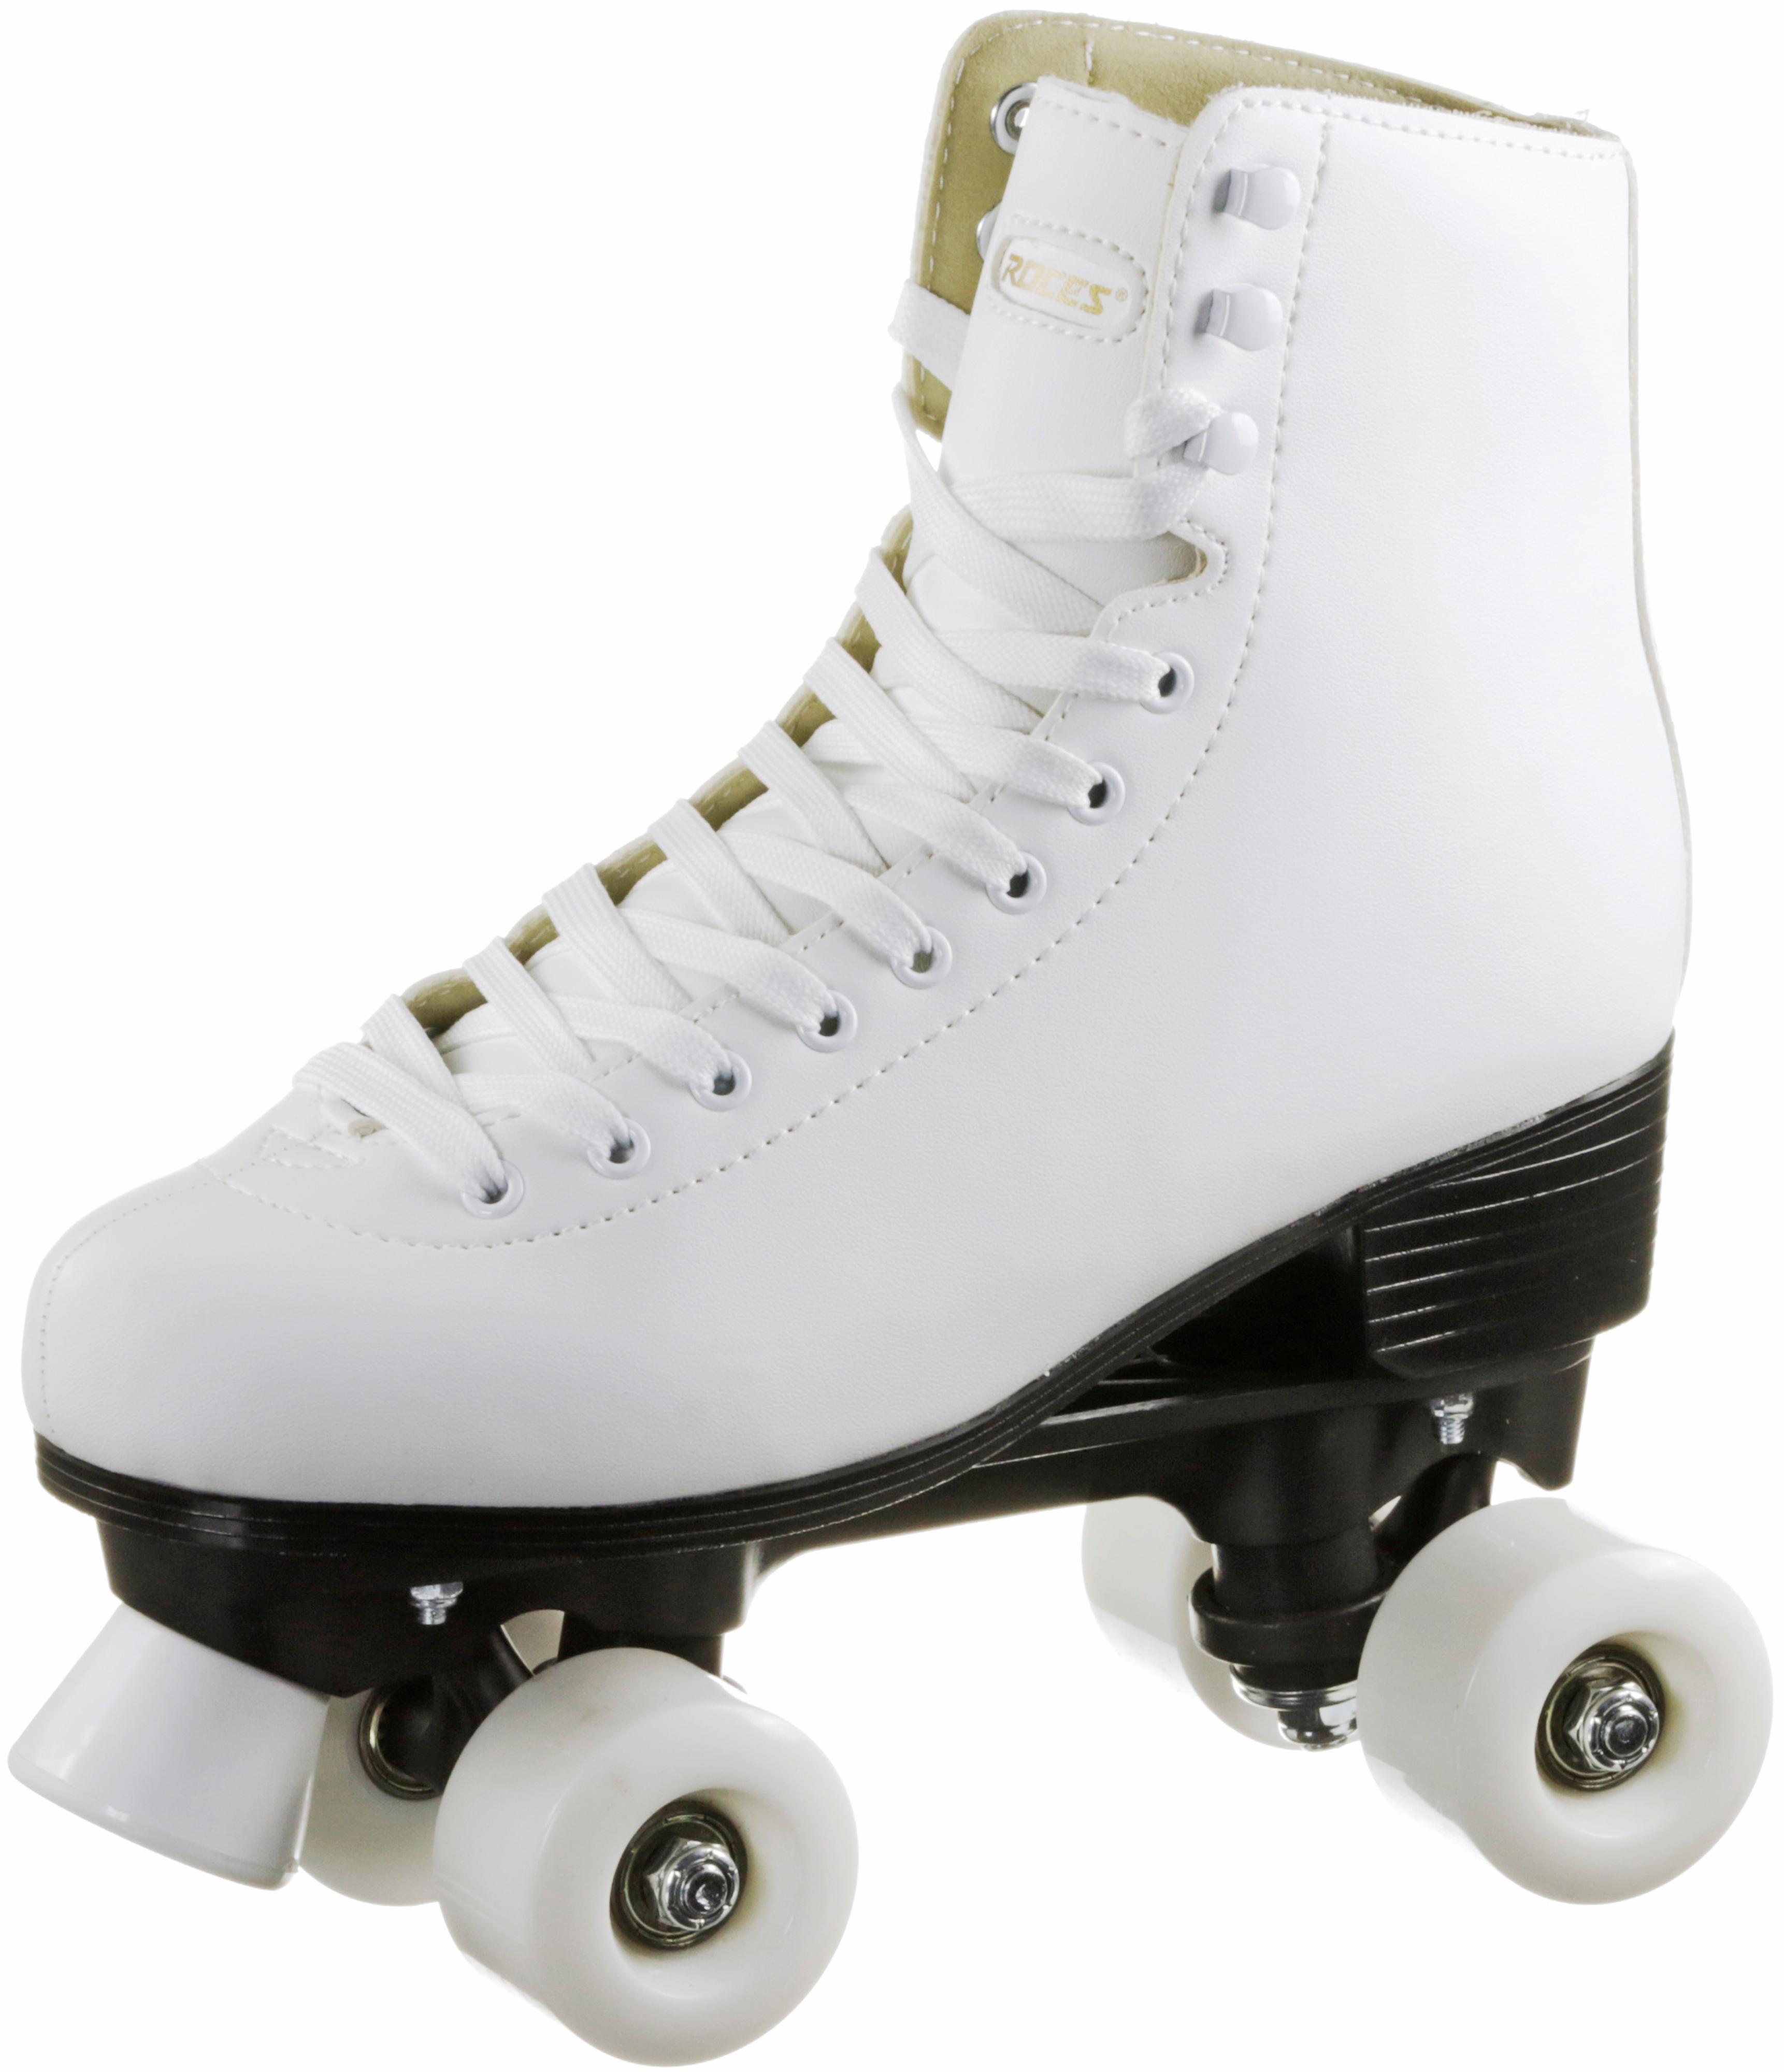 ROCES RC1 Rollschuhe Damen Weiß im Online Shop von SportScheck kaufen Gute Qualität beliebte Schuhe